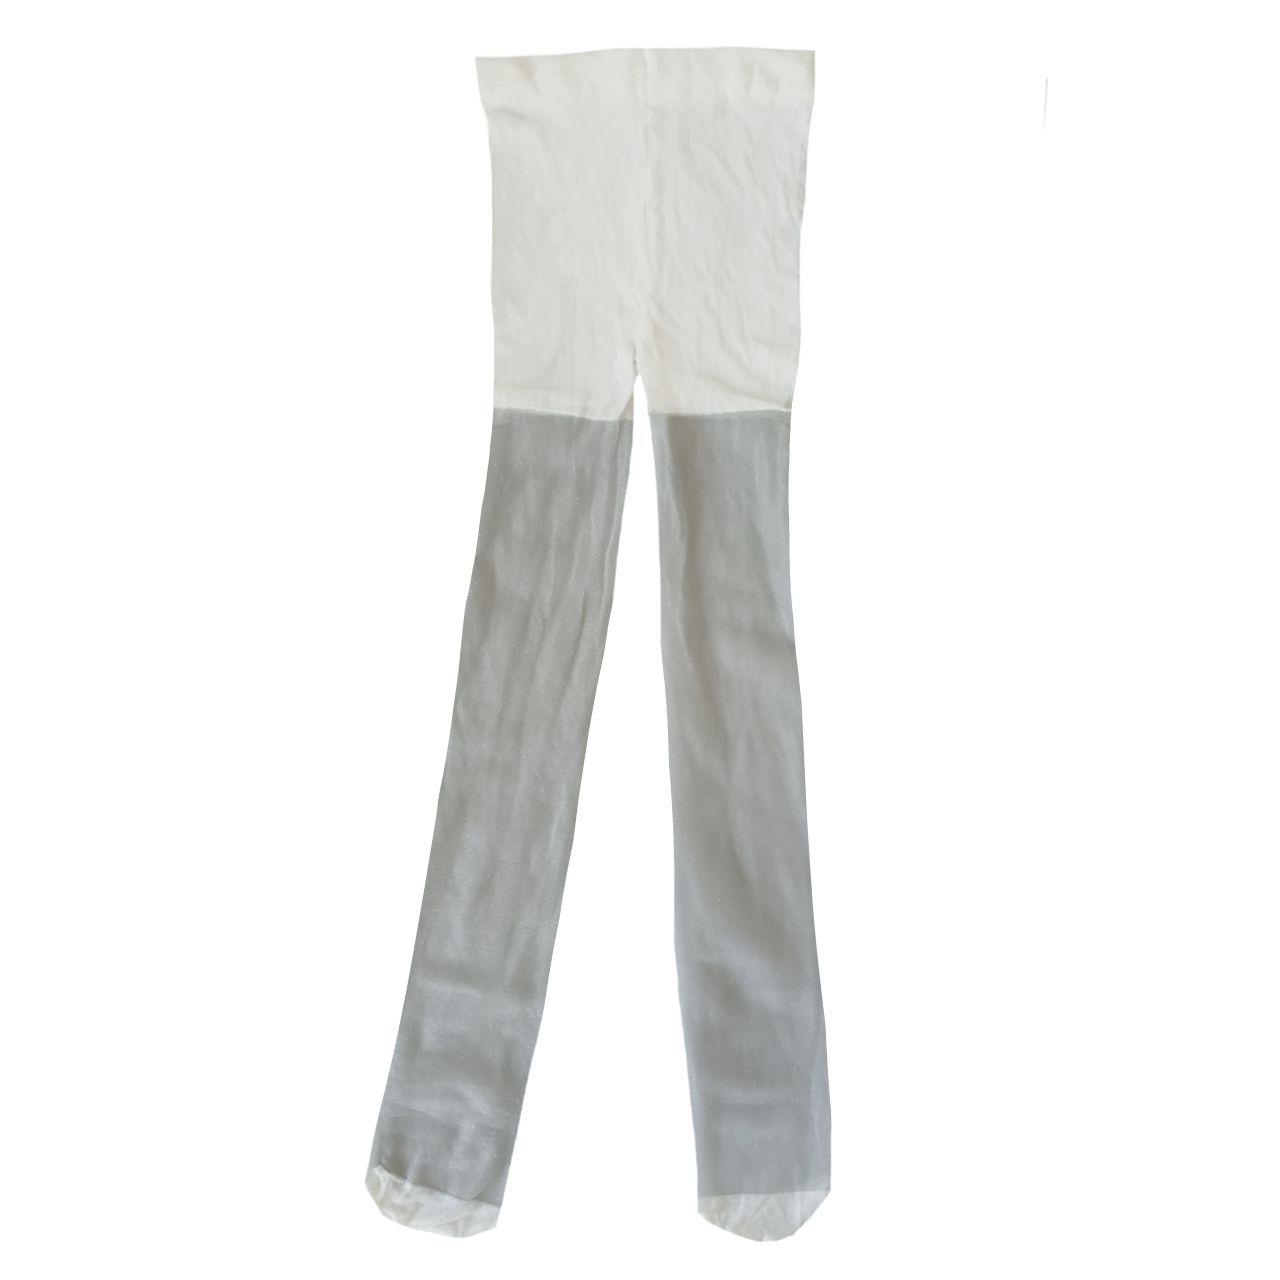 جوراب شلواری دخترانه کد 28 -  - 3